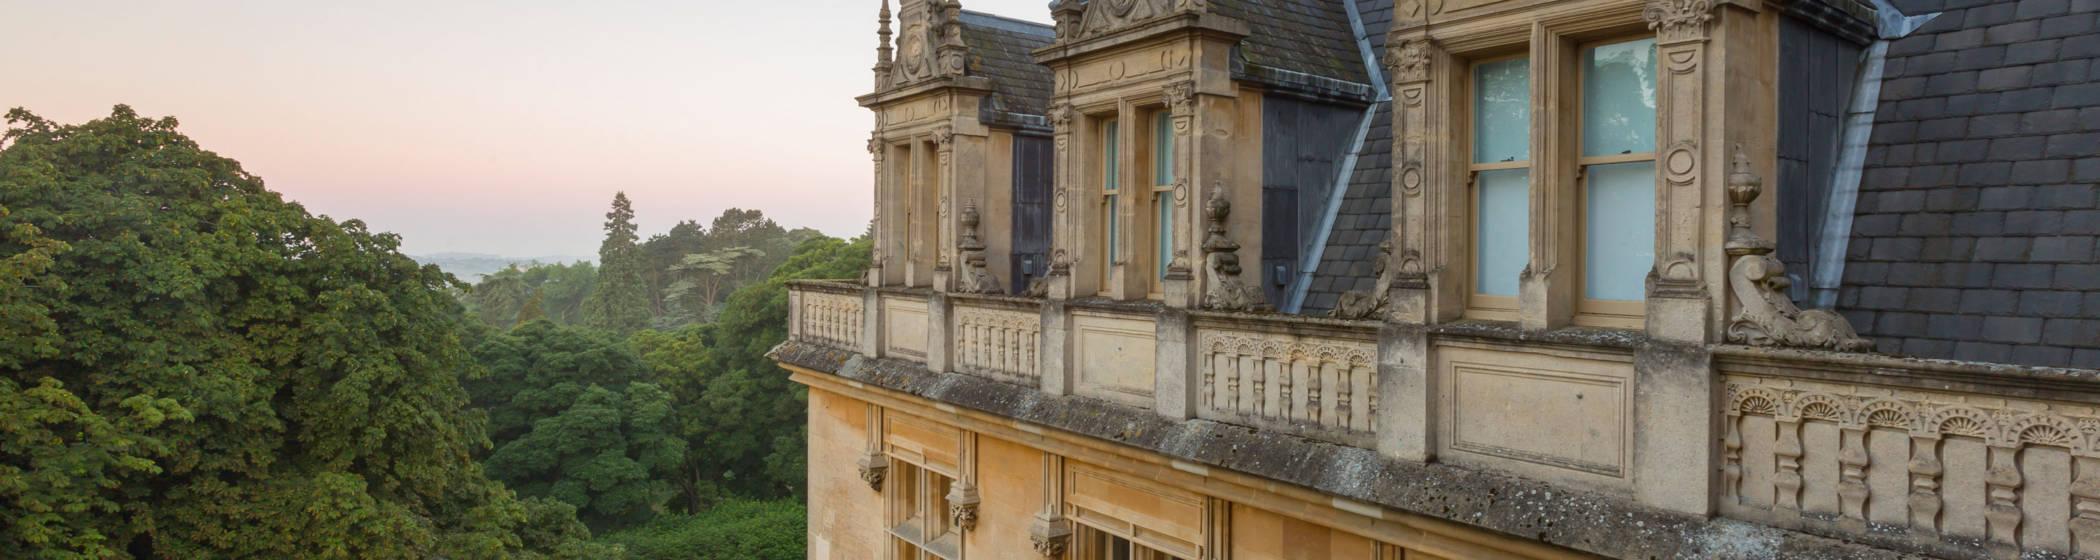 manor exterior architecture